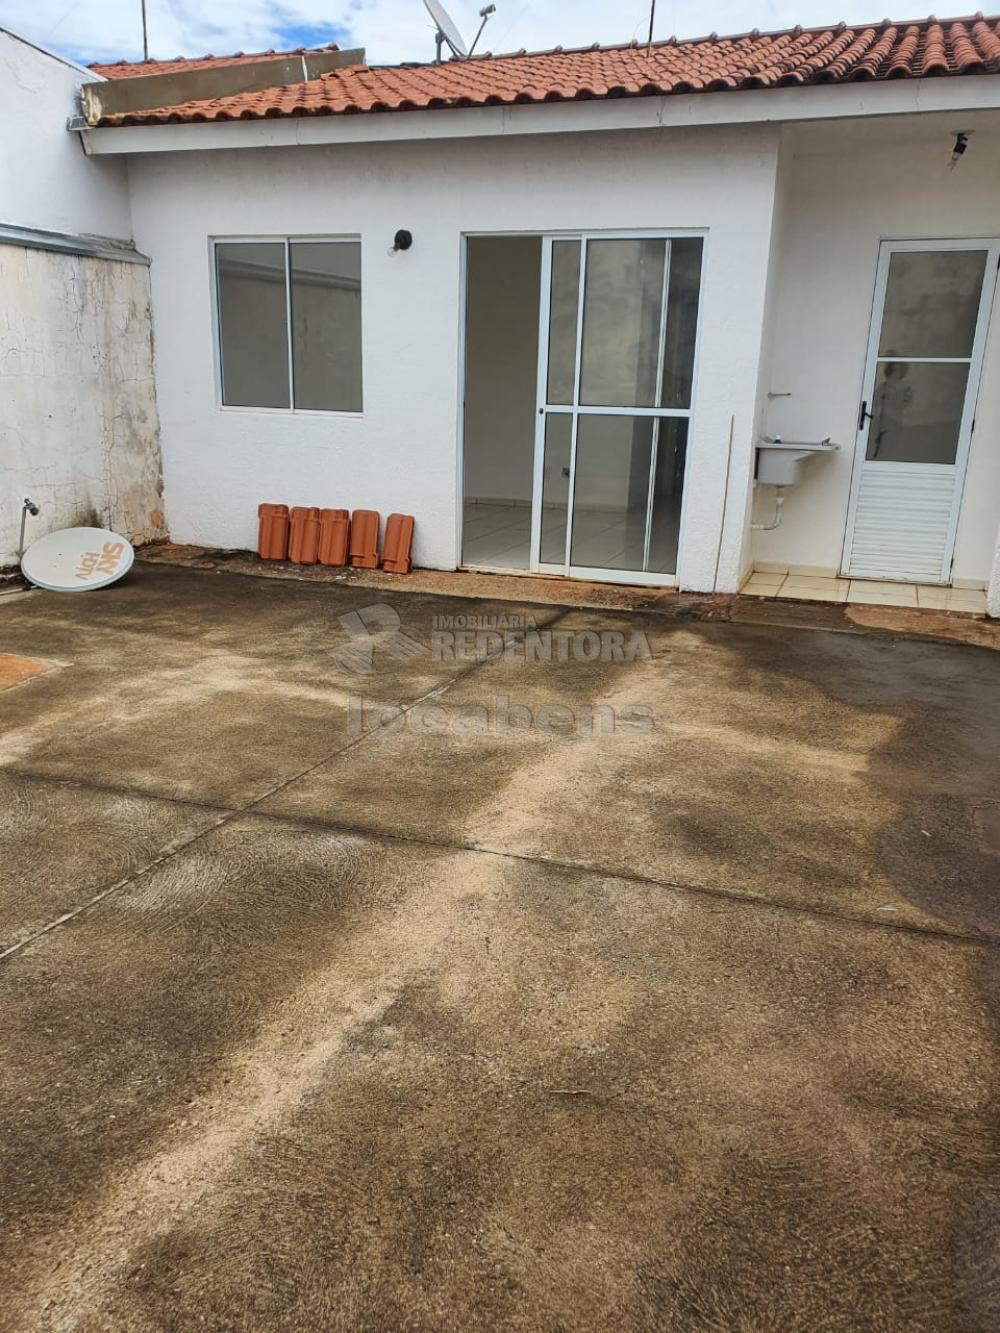 Alugar Casa / Condomínio em São José do Rio Preto R$ 1.100,00 - Foto 11